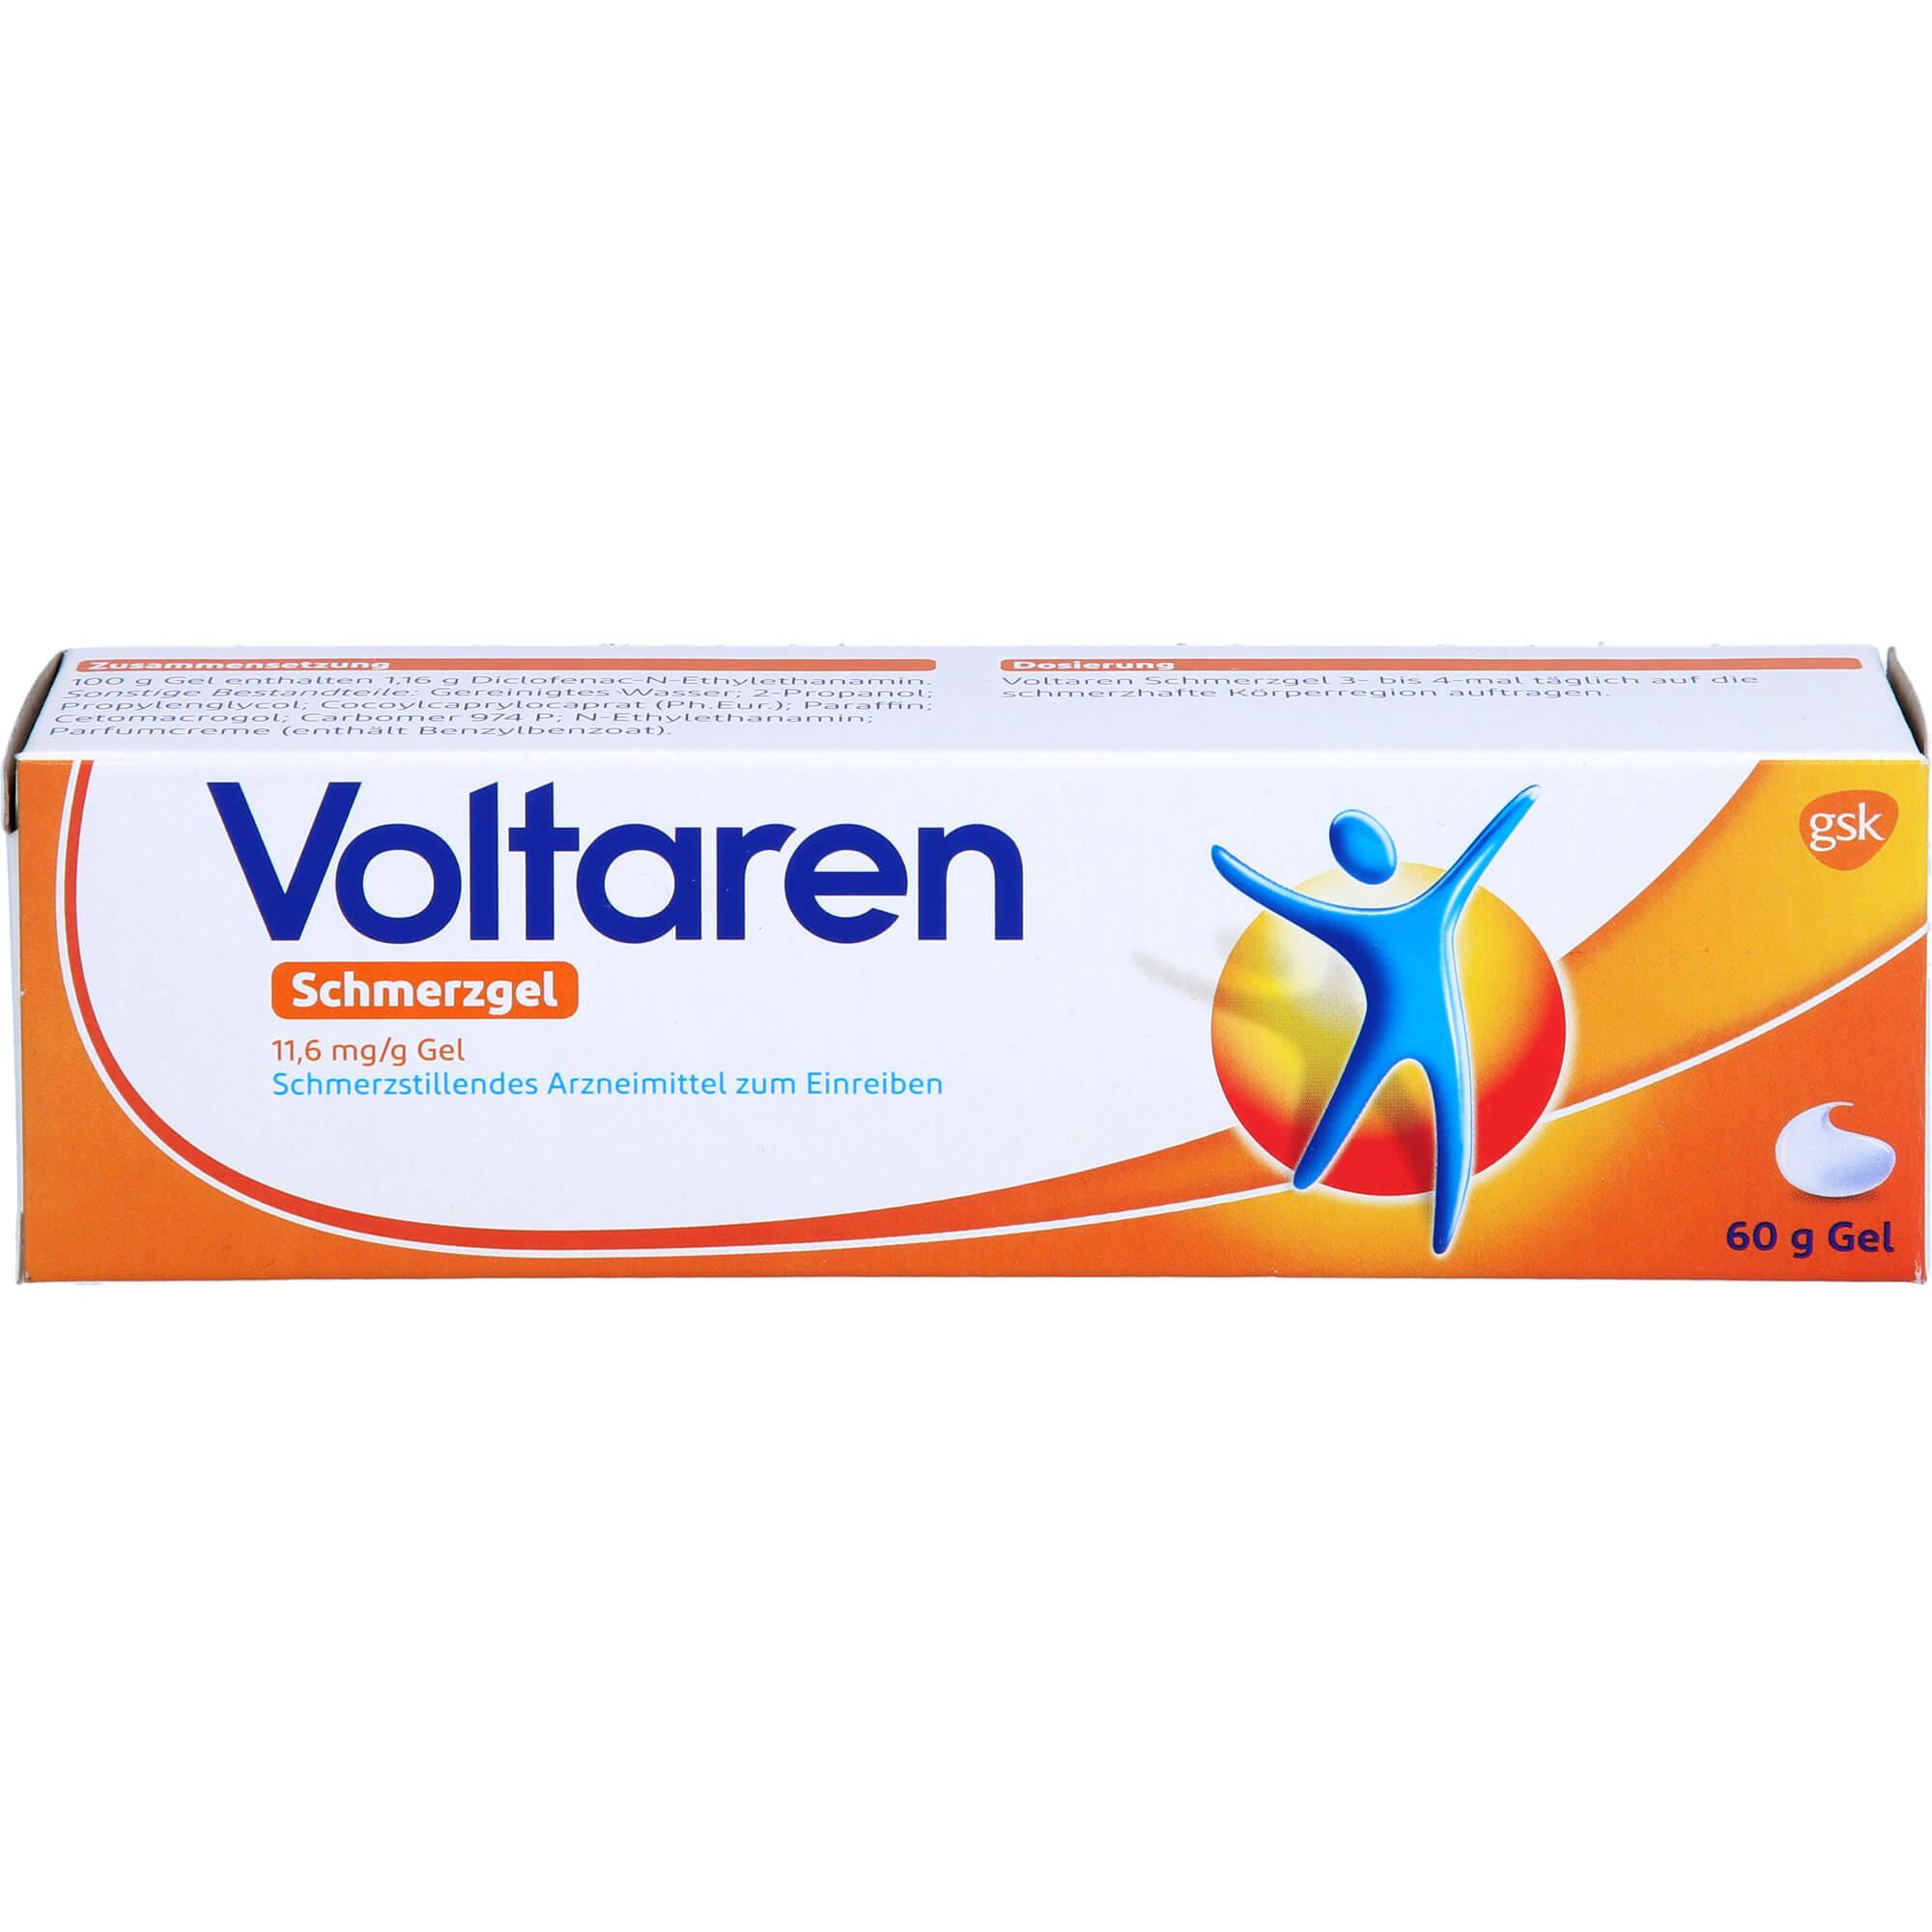 VOLTAREN-Schmerzgel